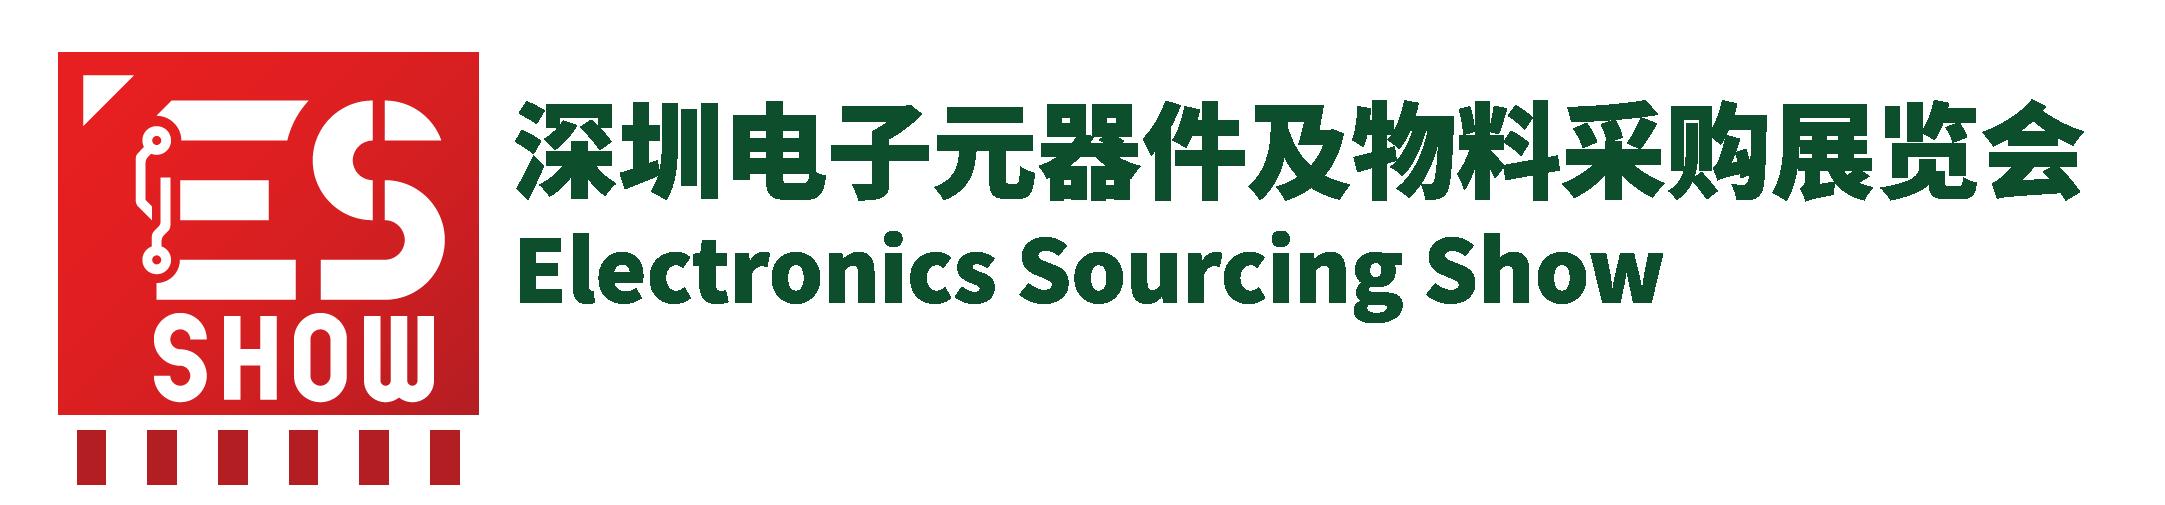 深圳电子元器件及物料采购展  Esshow  深圳电子物料及采购展